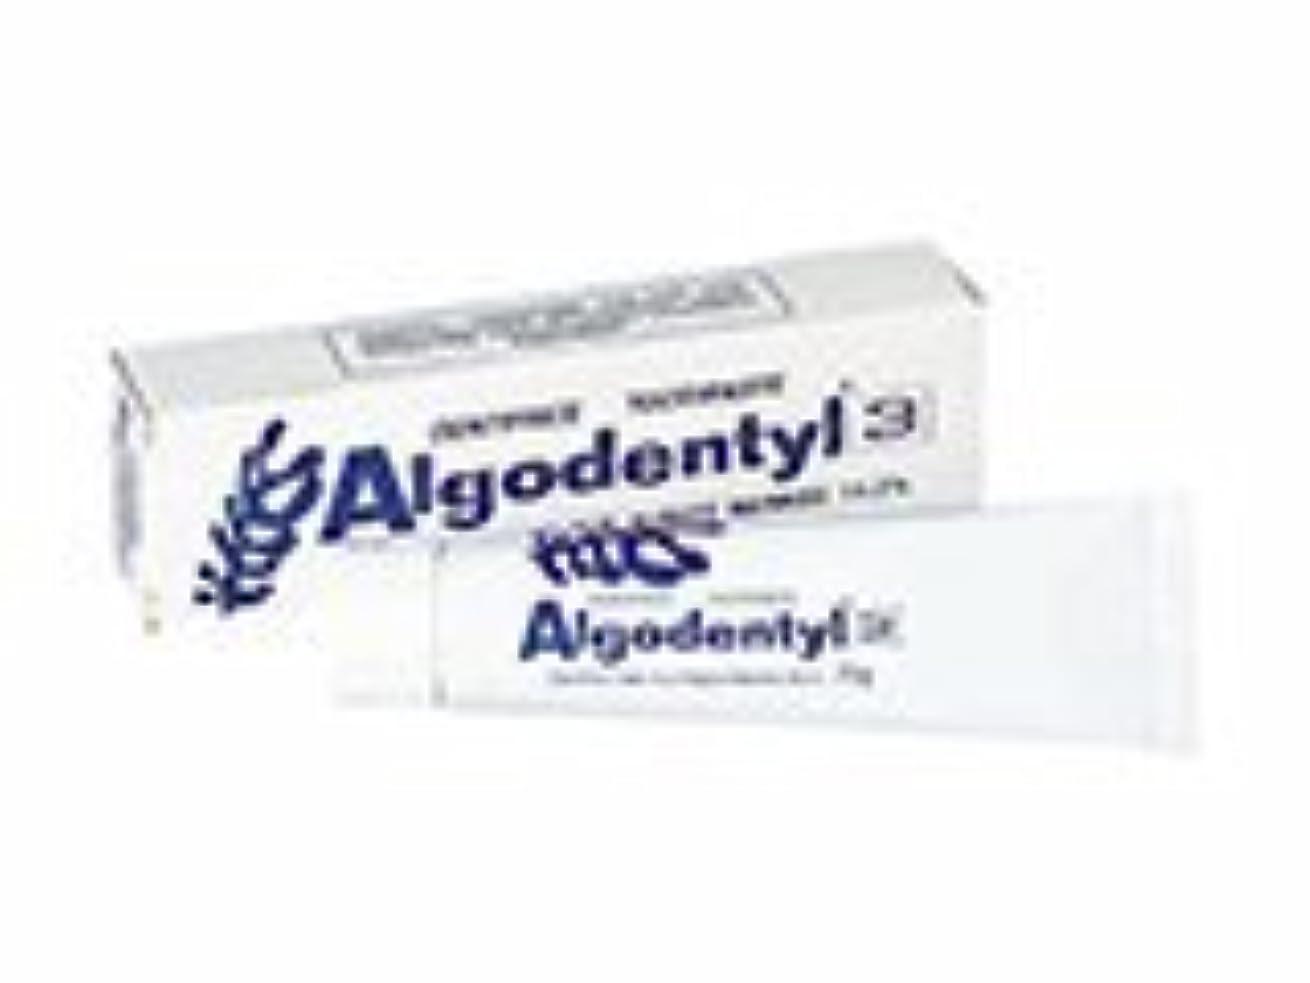 ゲートウェイハック電化するミキ アルゴデンティル3 薬用歯磨き 75g x 6本セット